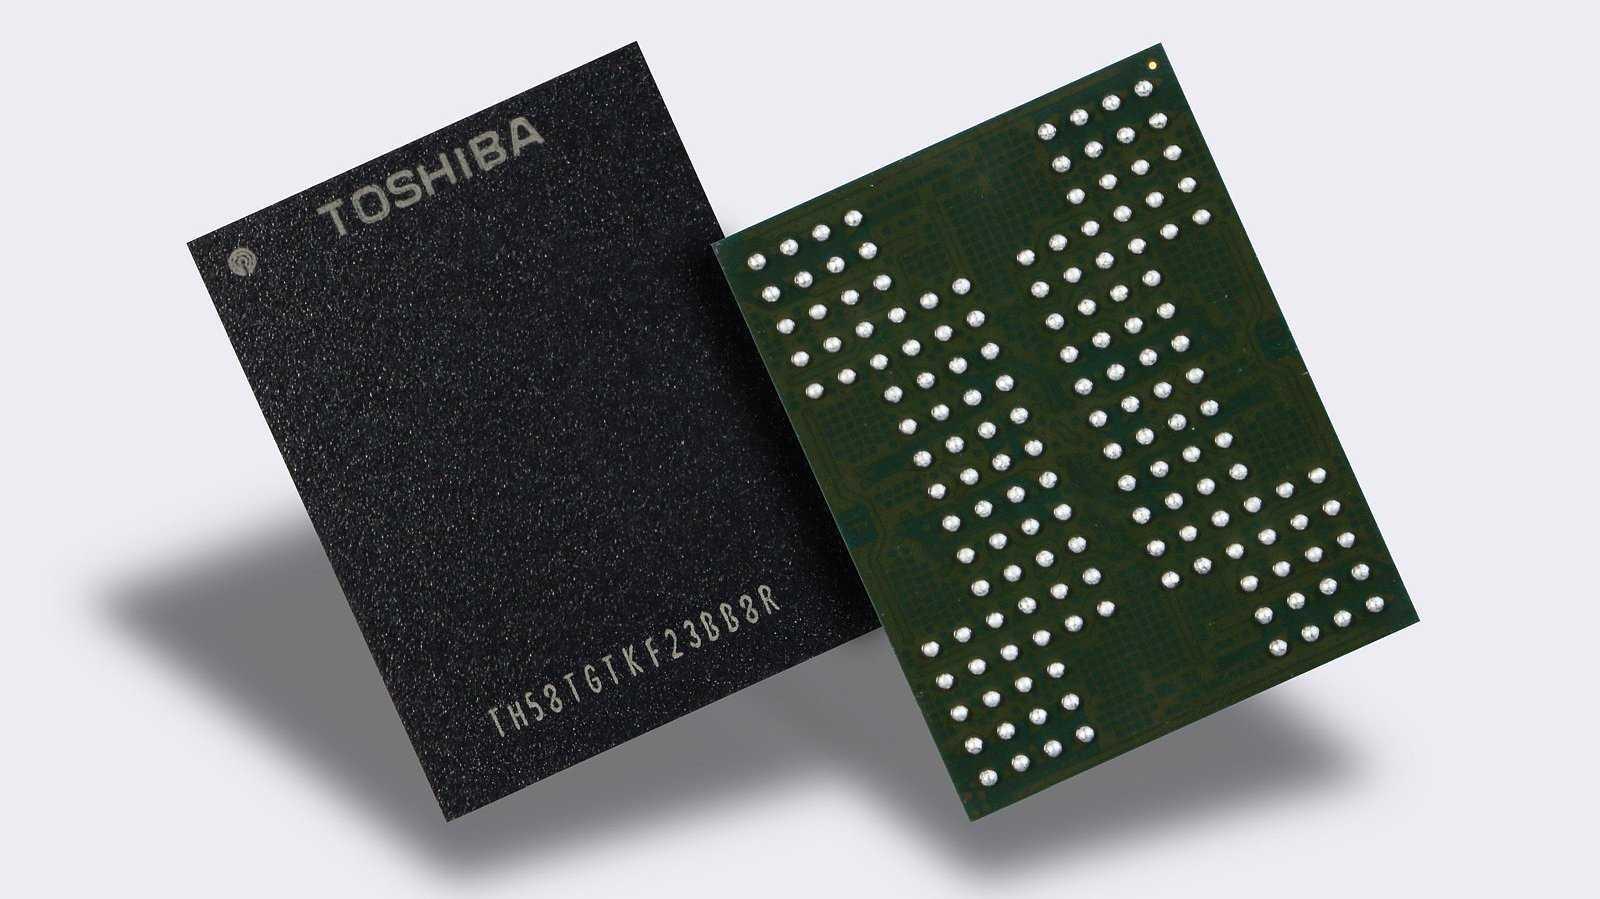 Toshiba QLC 3D NAND Flash